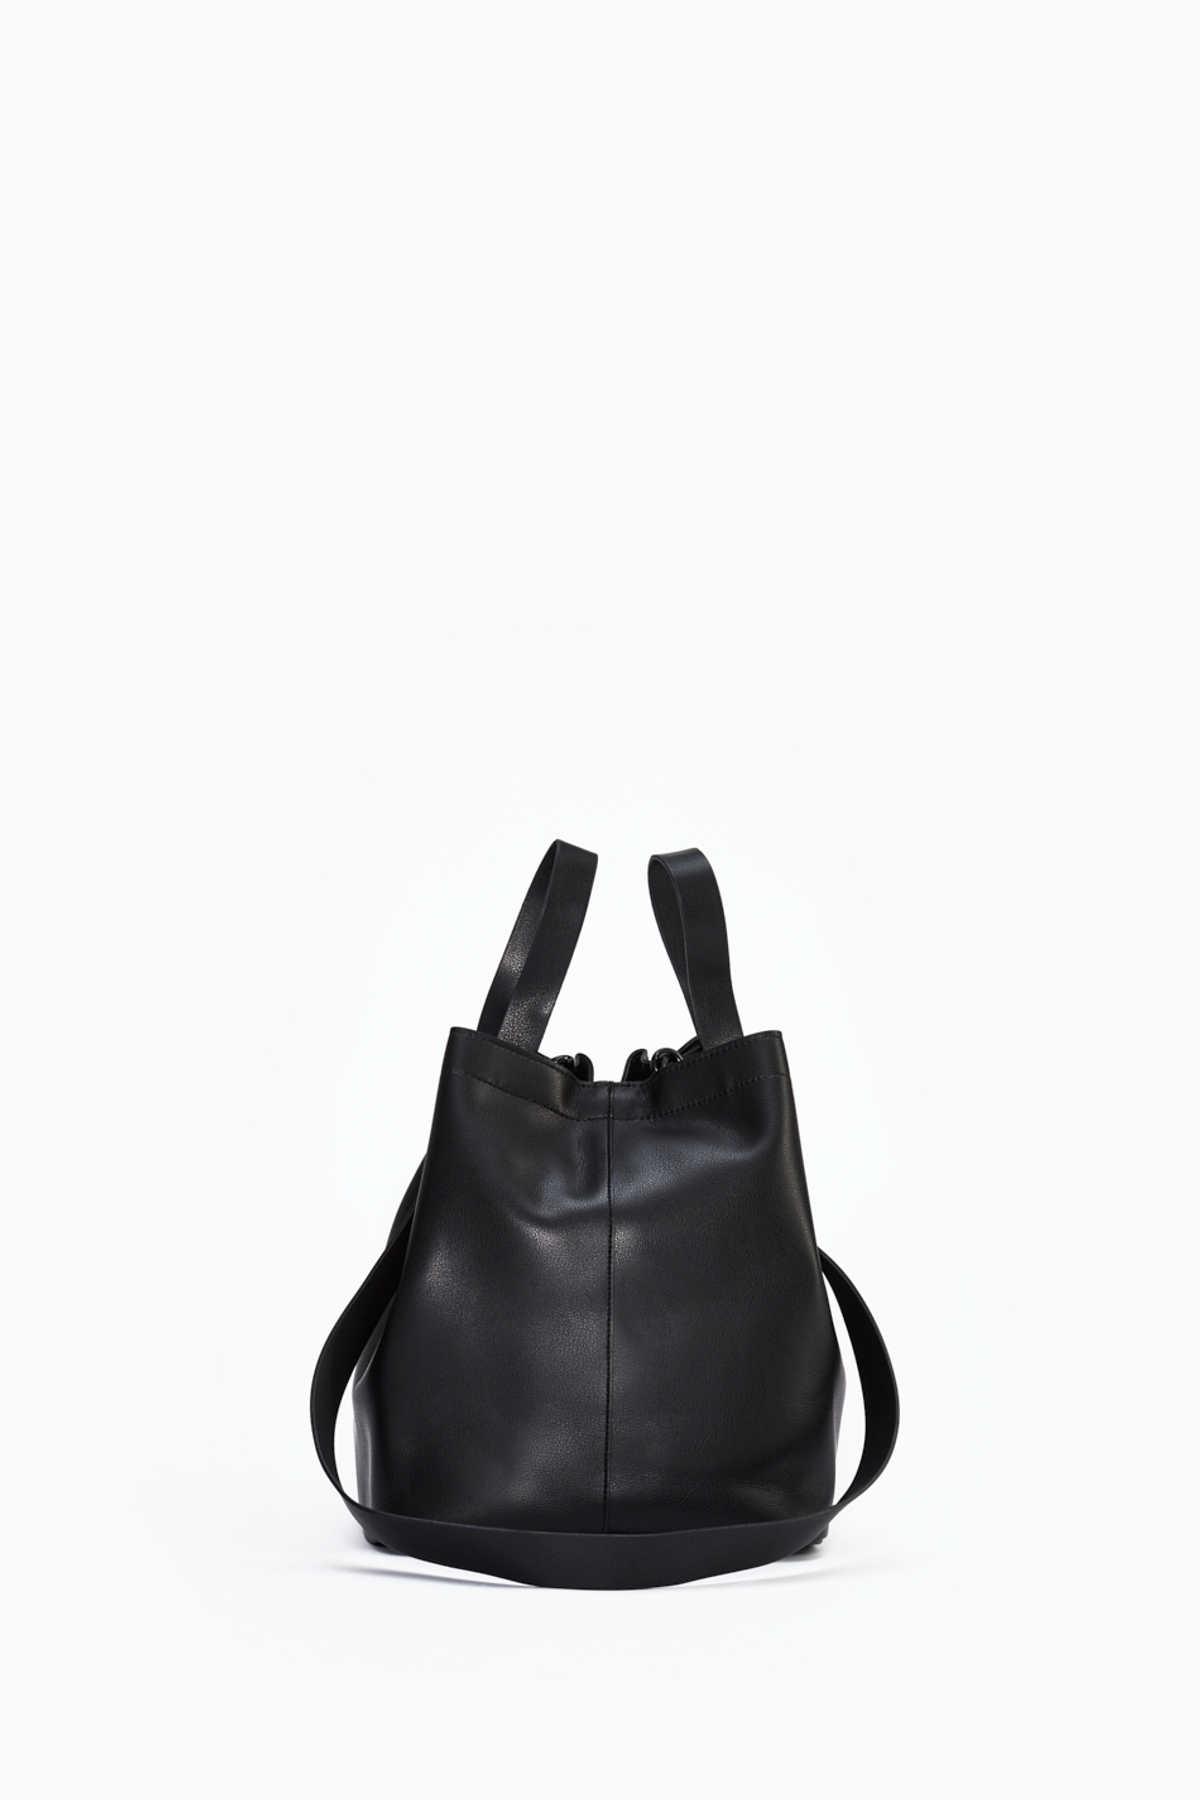 Lole Womens Bucket Bag